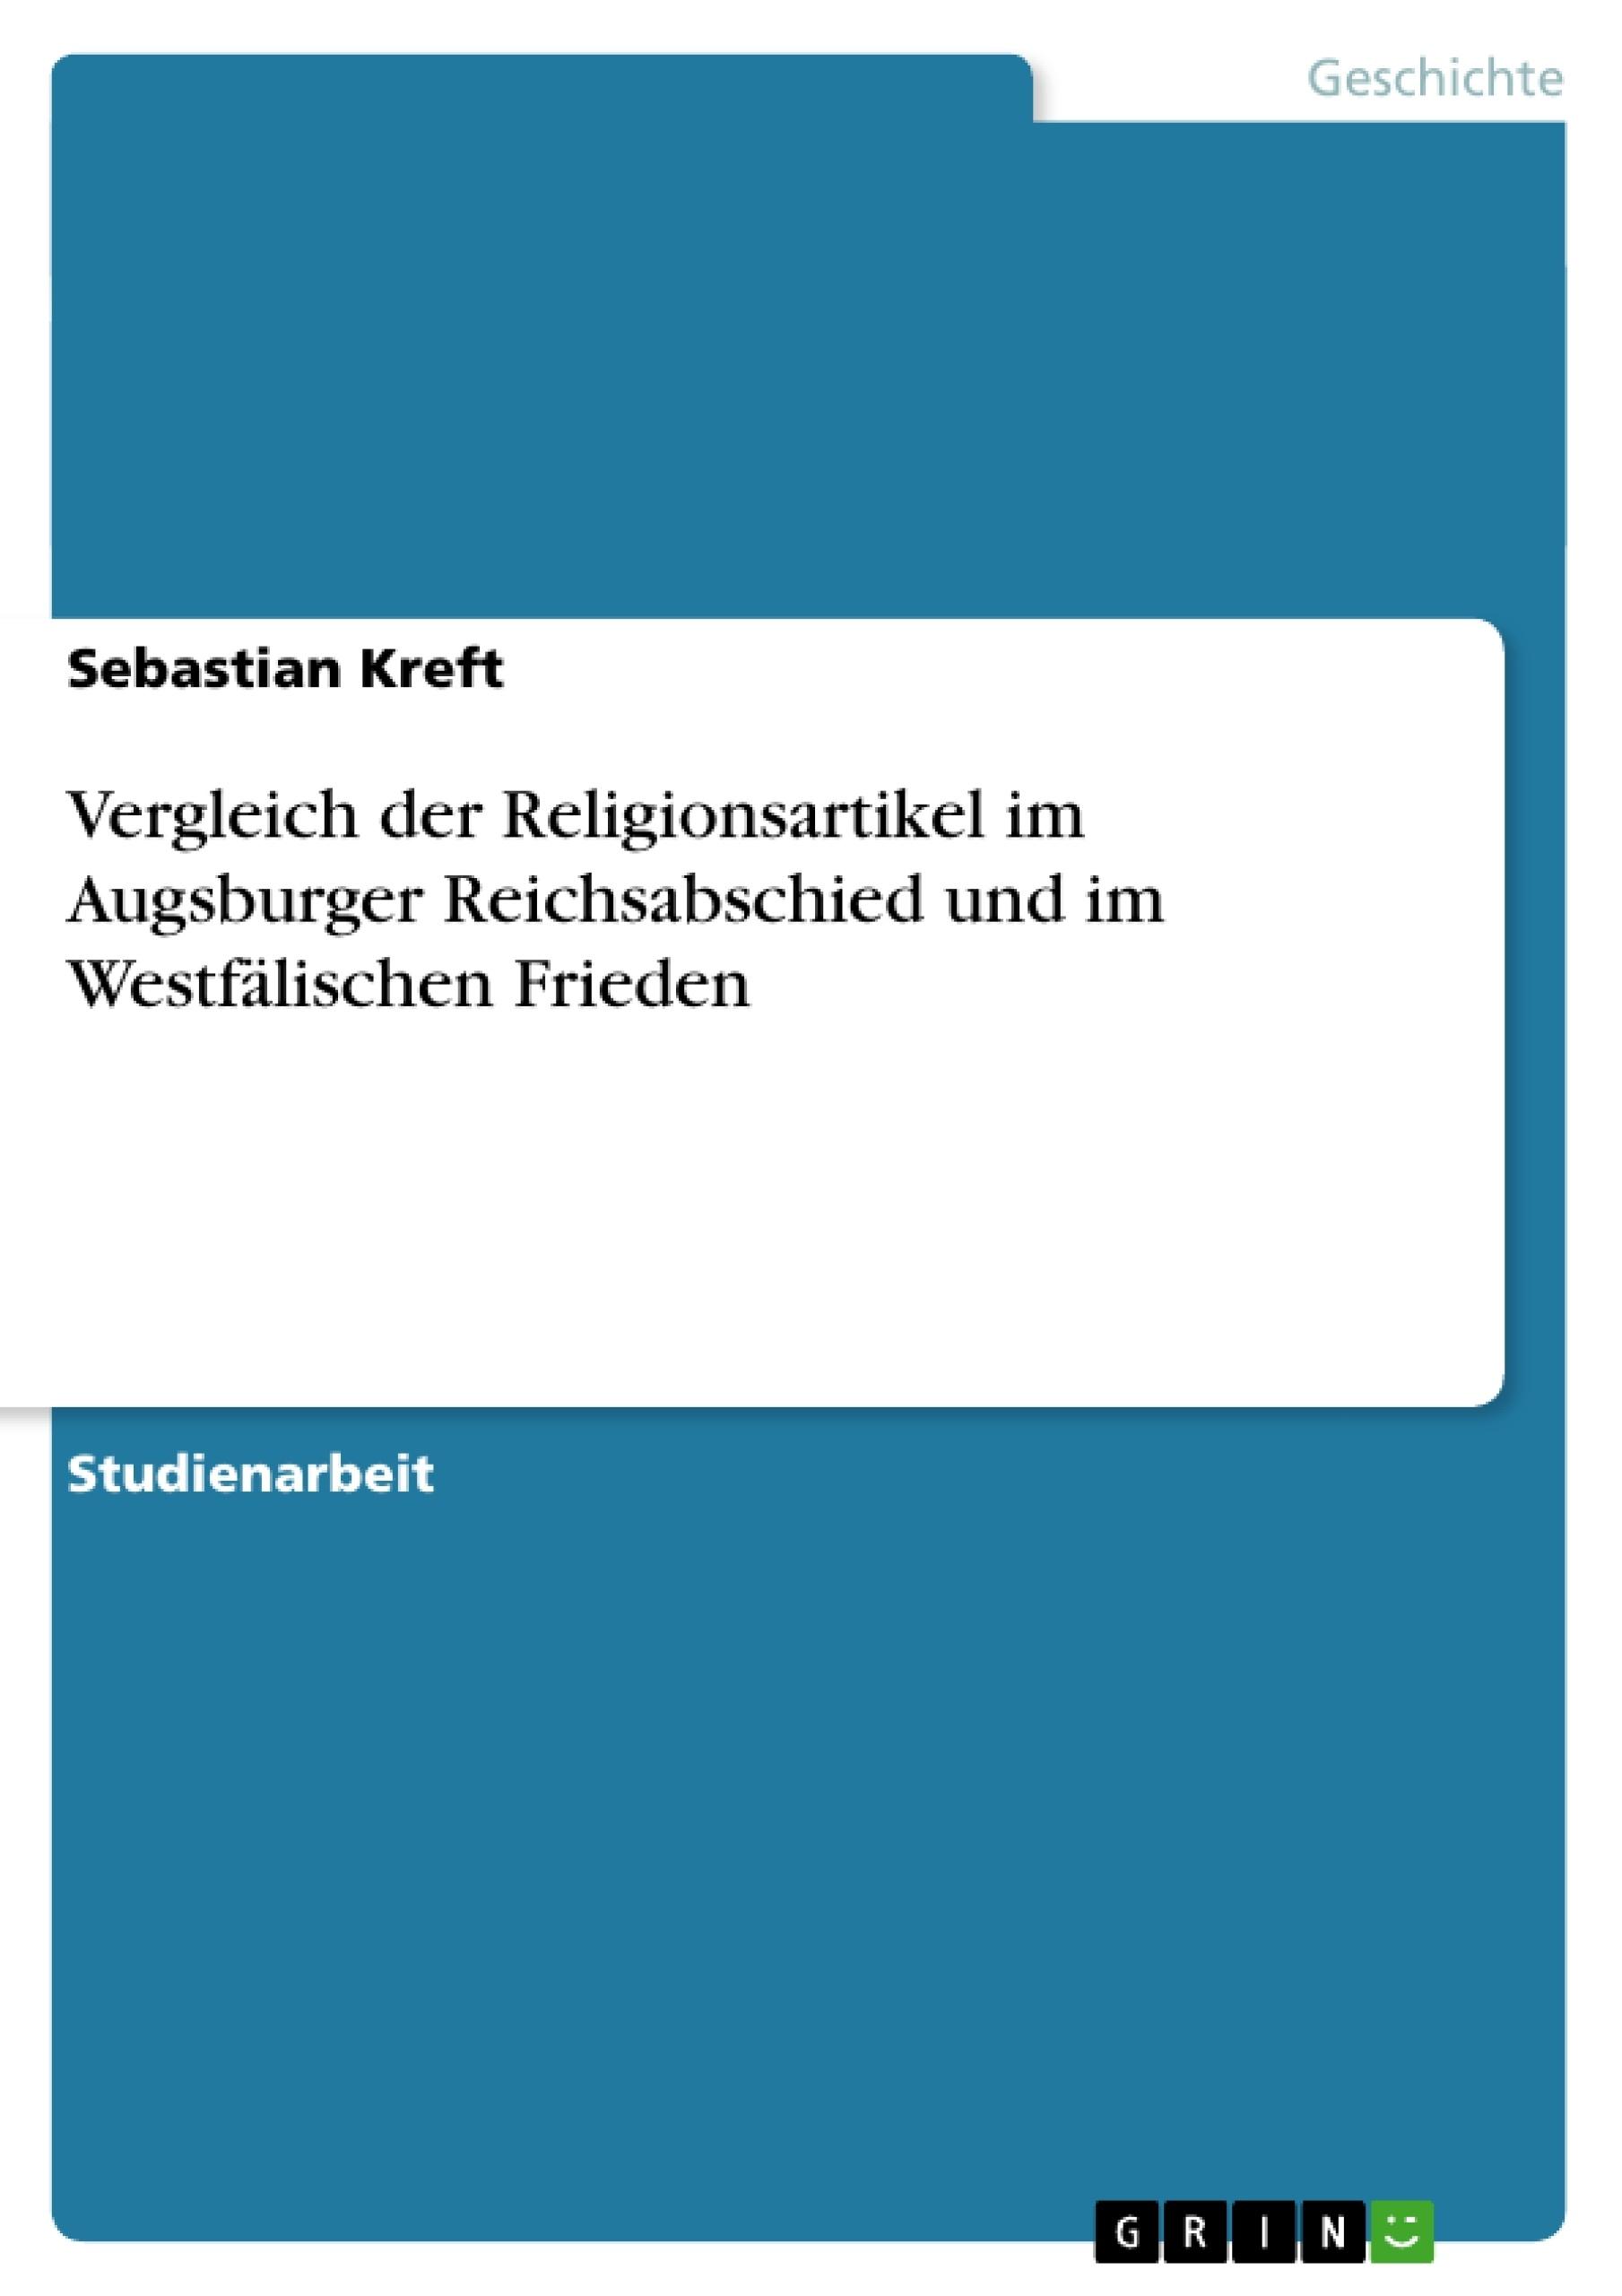 Titel: Vergleich der Religionsartikel im Augsburger Reichsabschied und im Westfälischen Frieden